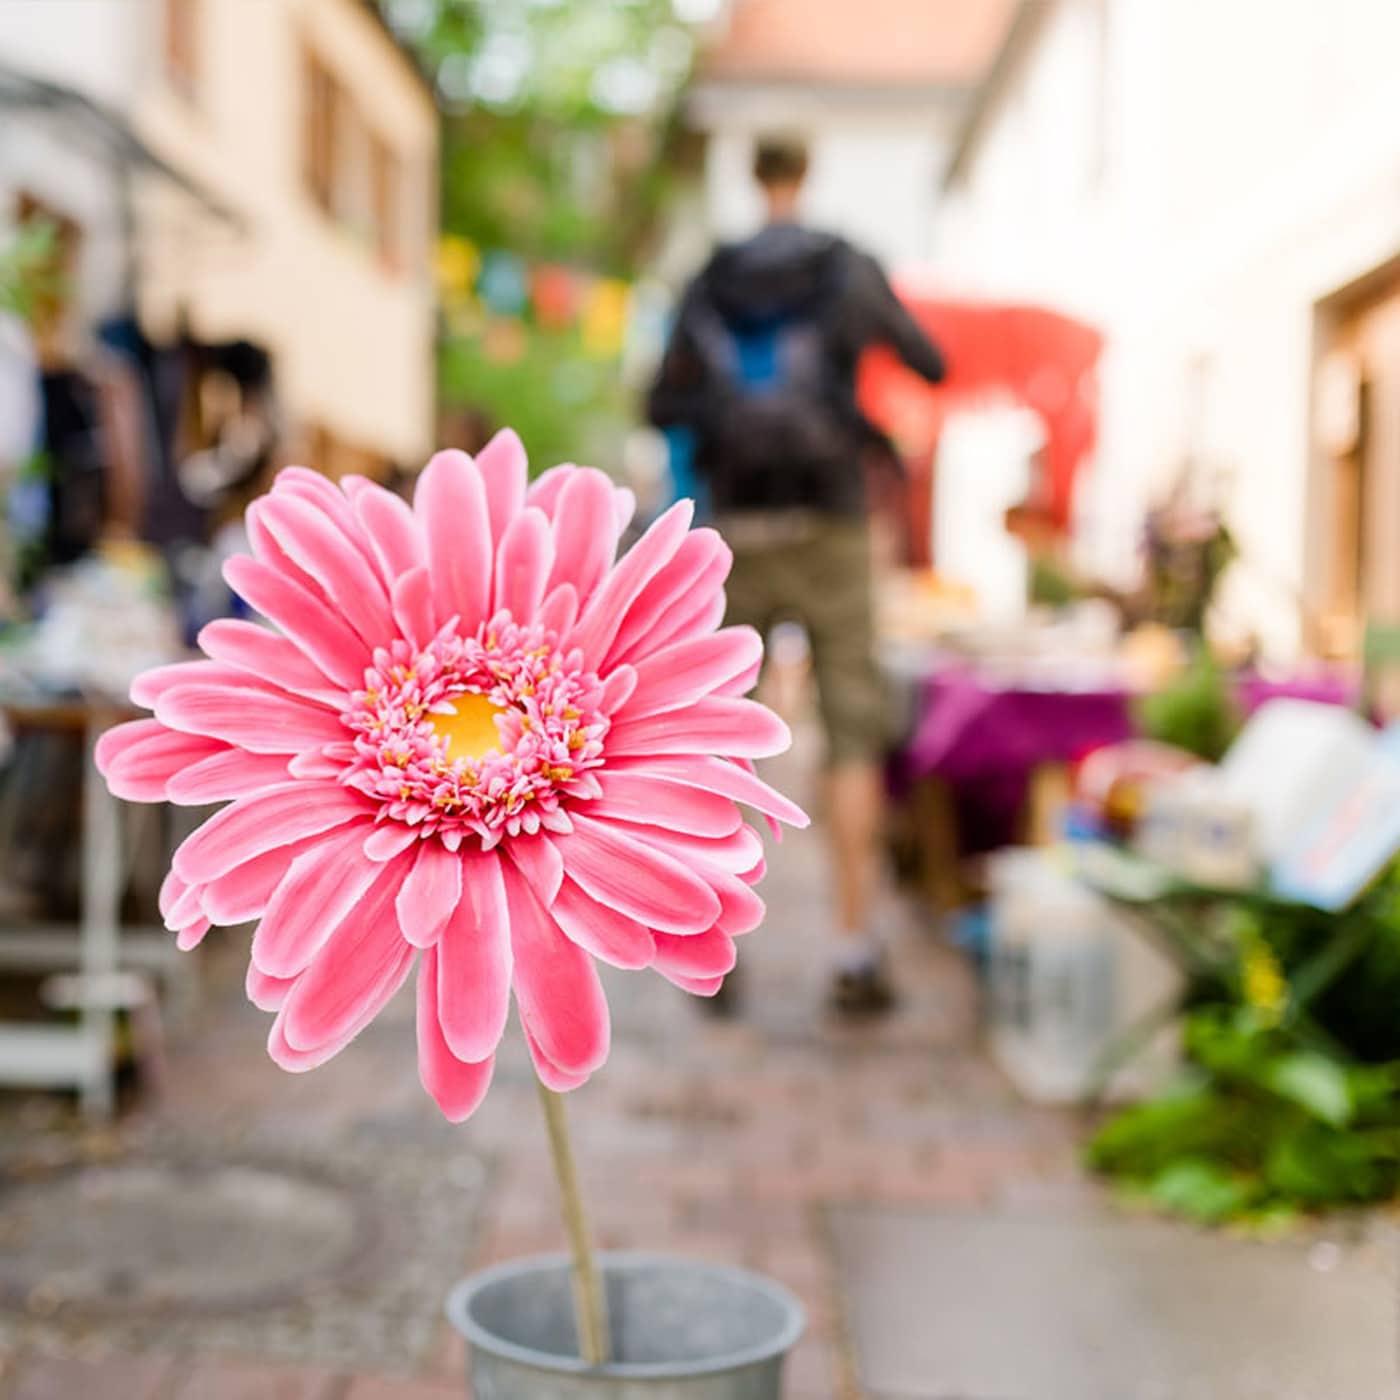 Tipps für Freizeit am Wochenende mit Kindern: Hofflohmärkte in München – Trödeln in der Nachbarschaft // HIMBEER